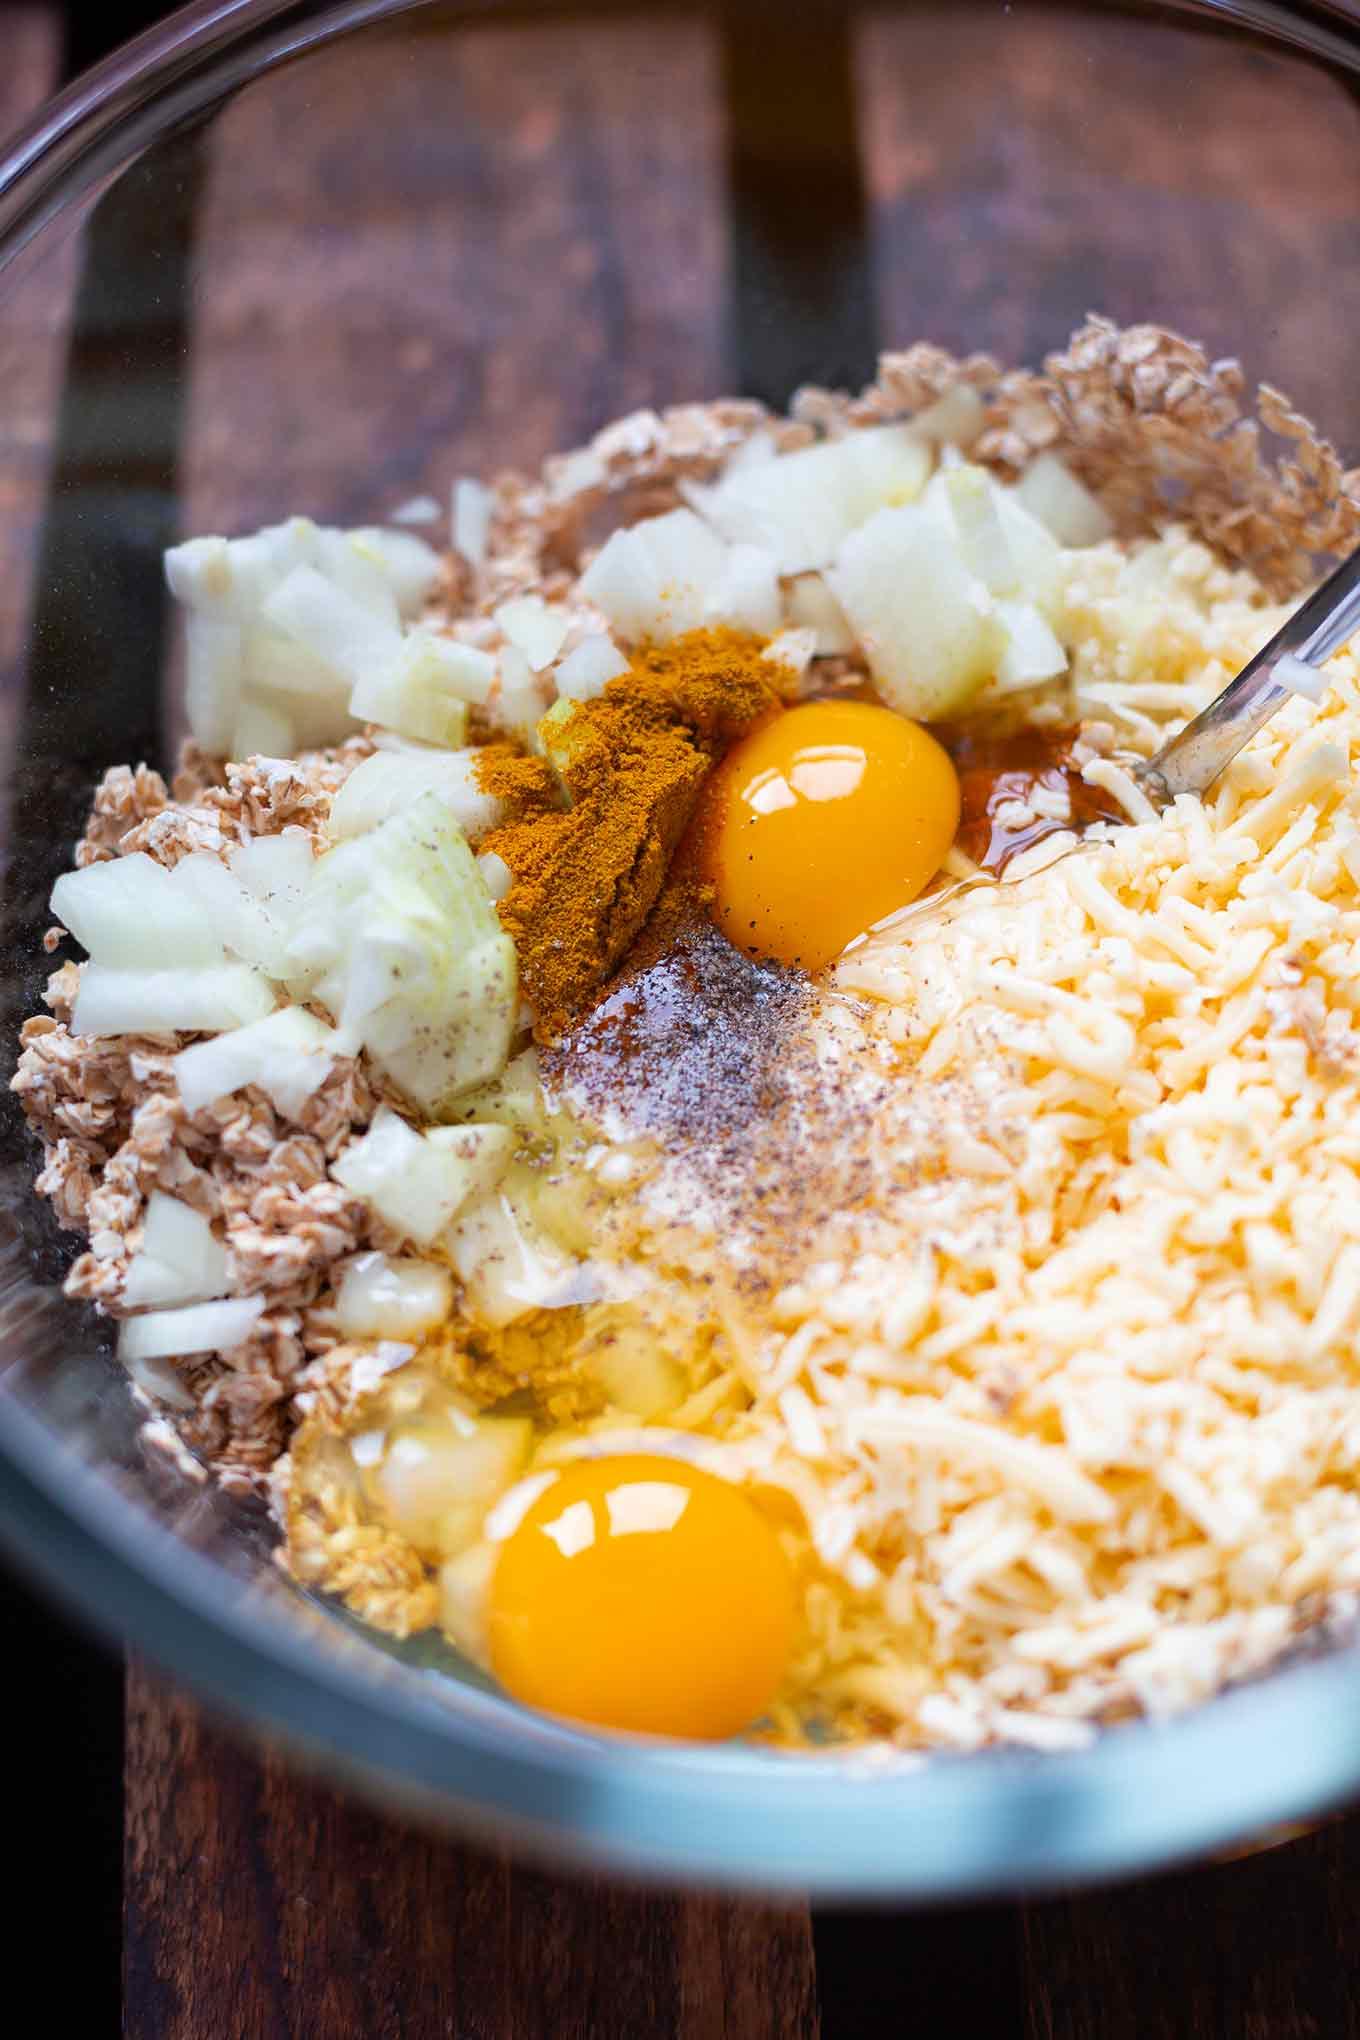 Schnelle Veggie Frikadellen Deluxe. Diese einfachen vegetarischen Buletten sind perfekt für Kinder und schmecken wie von Oma, nur ohne Fleisch! - Kochkarussell.com #rezept #frikadellen #vegetarisch #kochkarussell